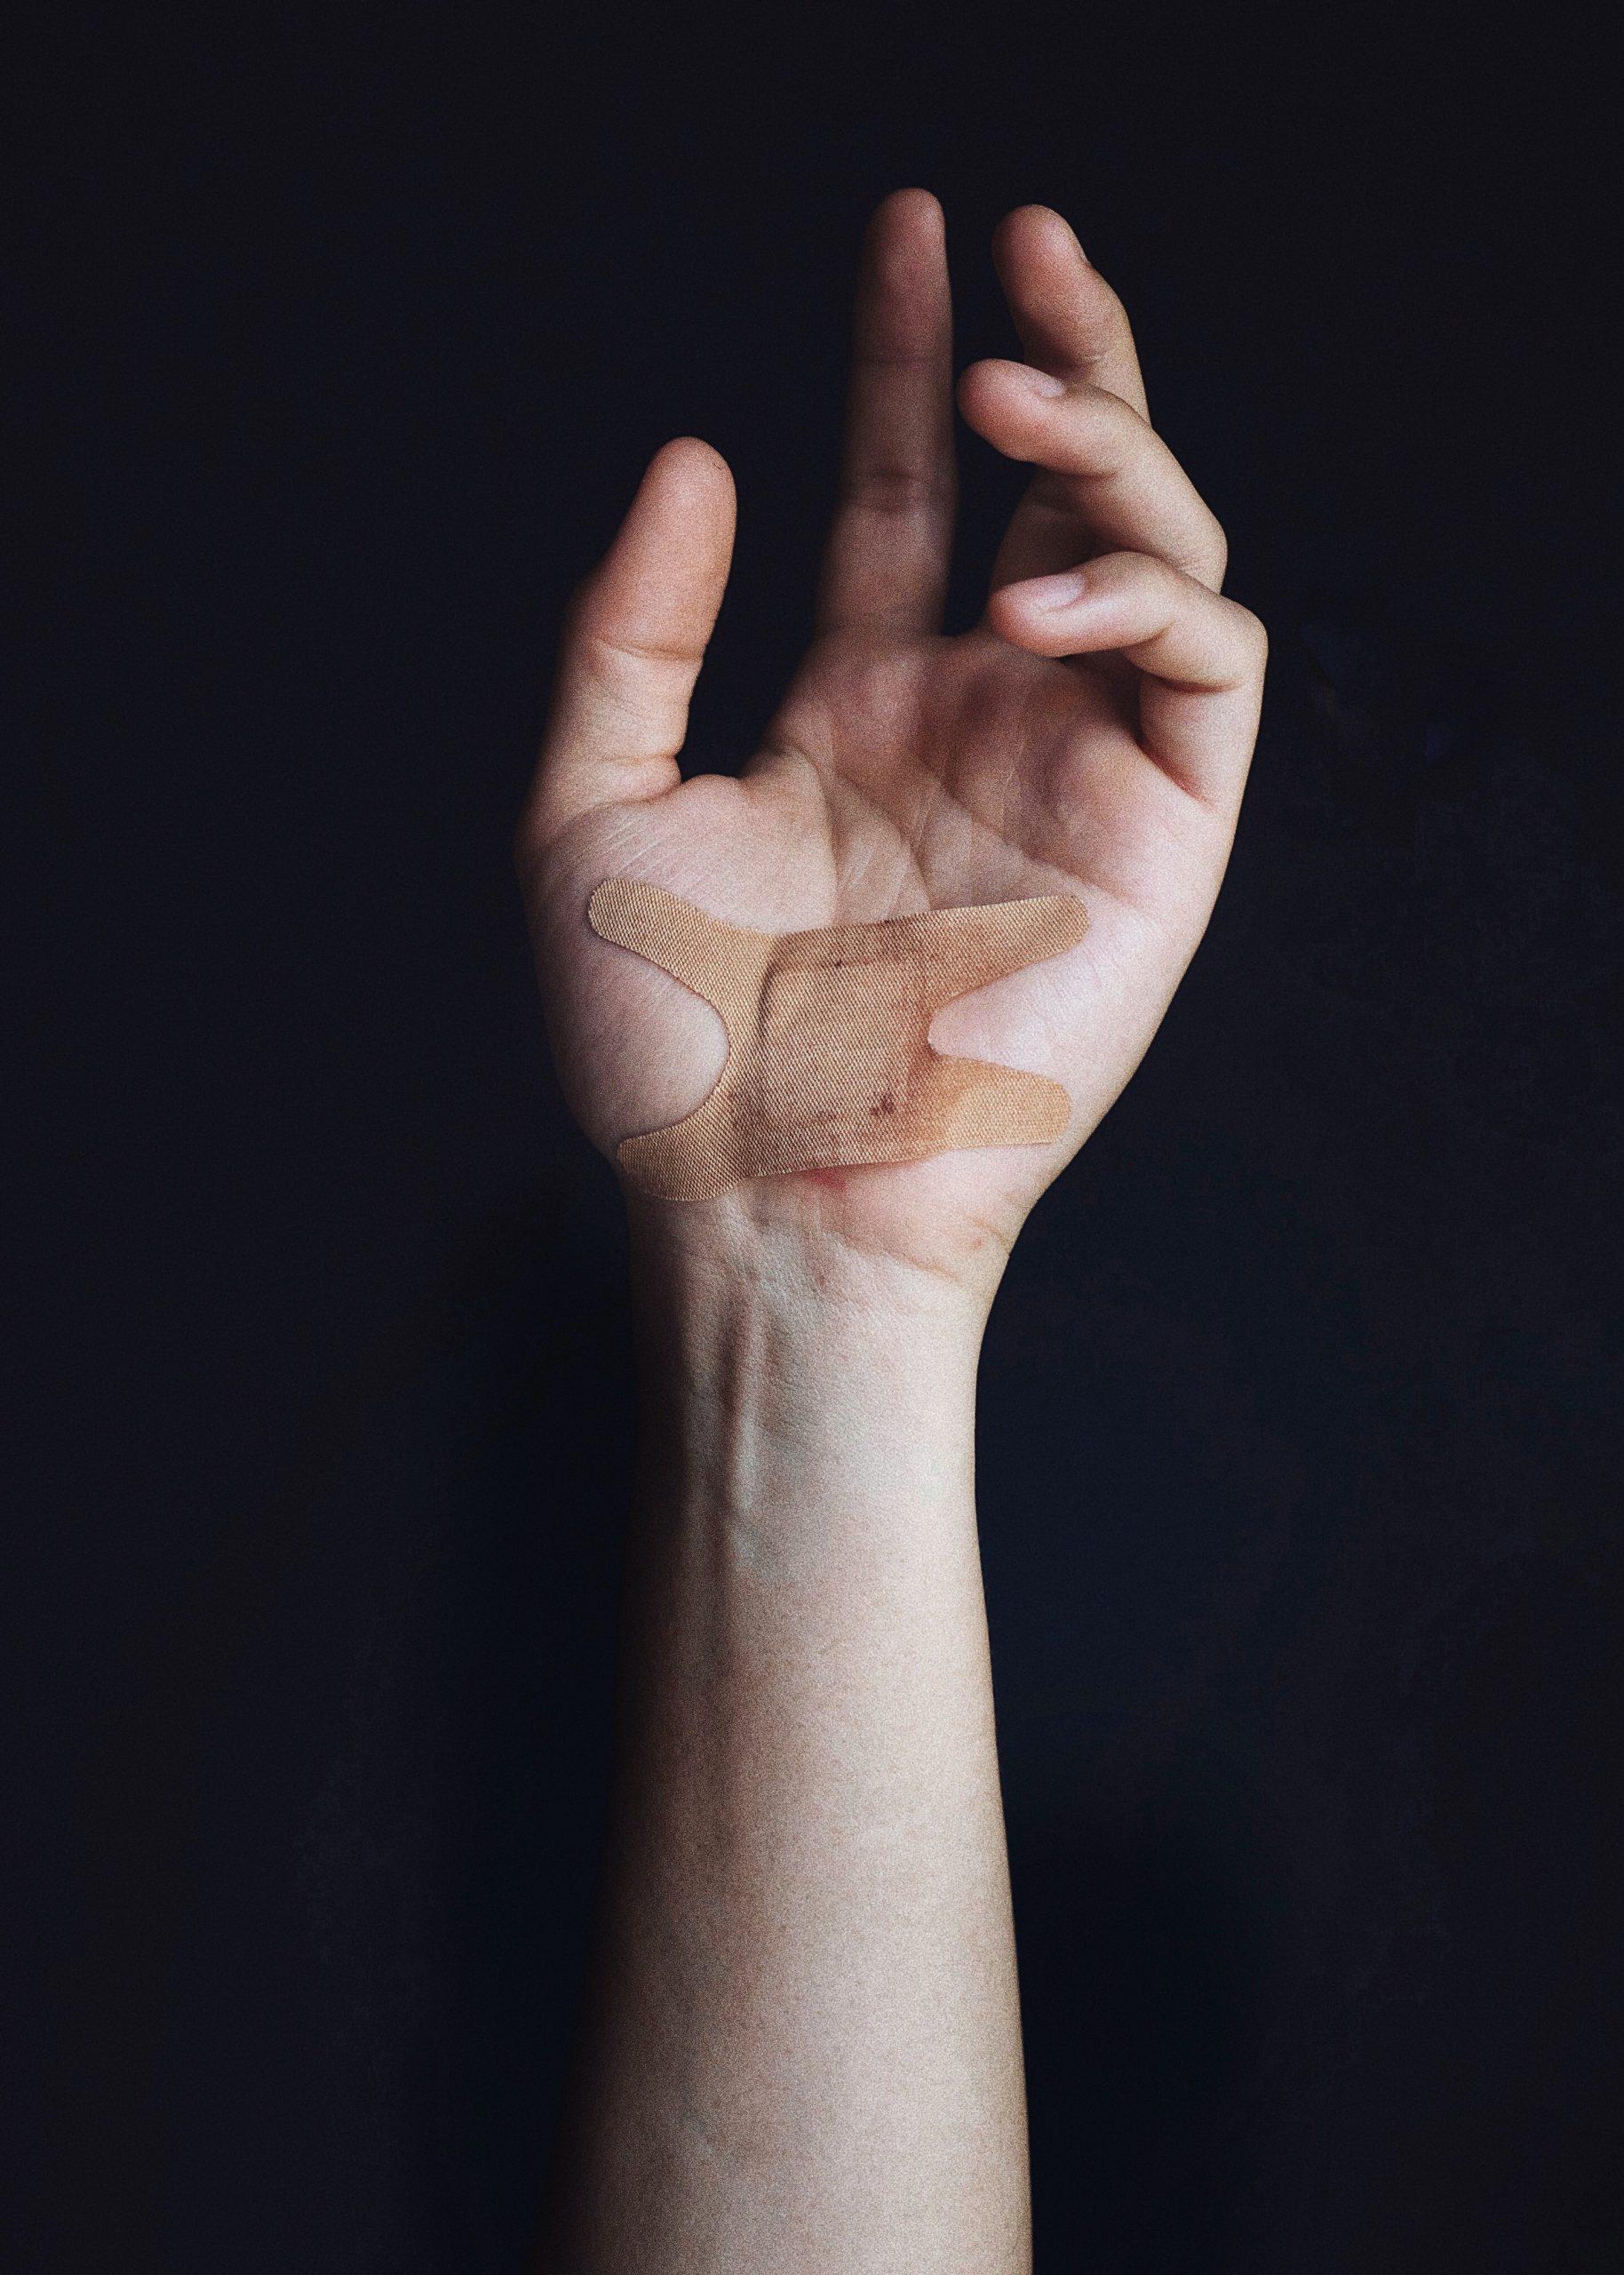 Thinking About Spiritual Injury